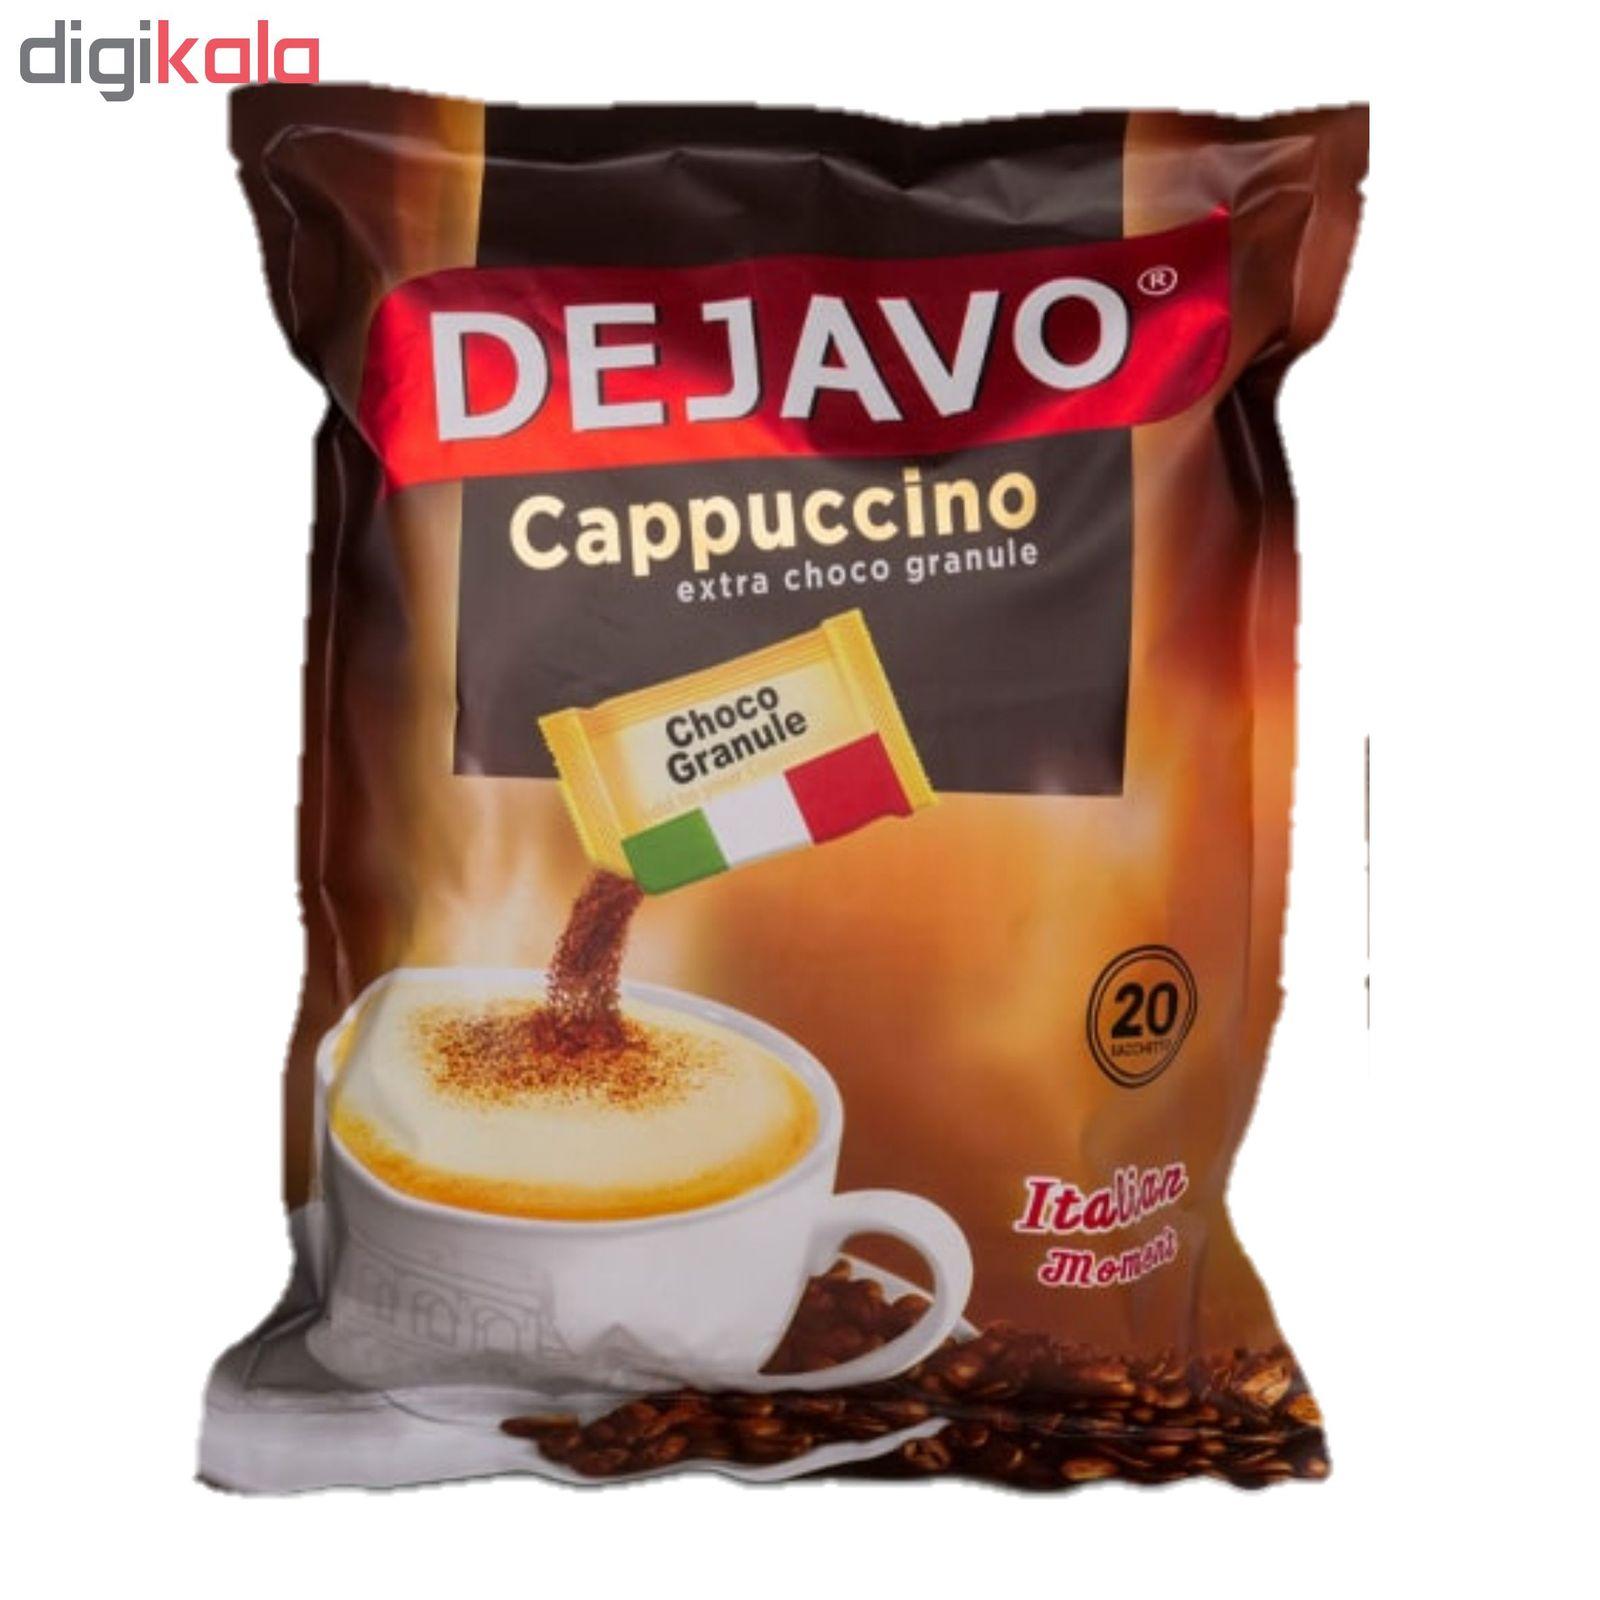 کاپوچینو دژاوو مدل Italian moment بسته 20 عددی main 1 1